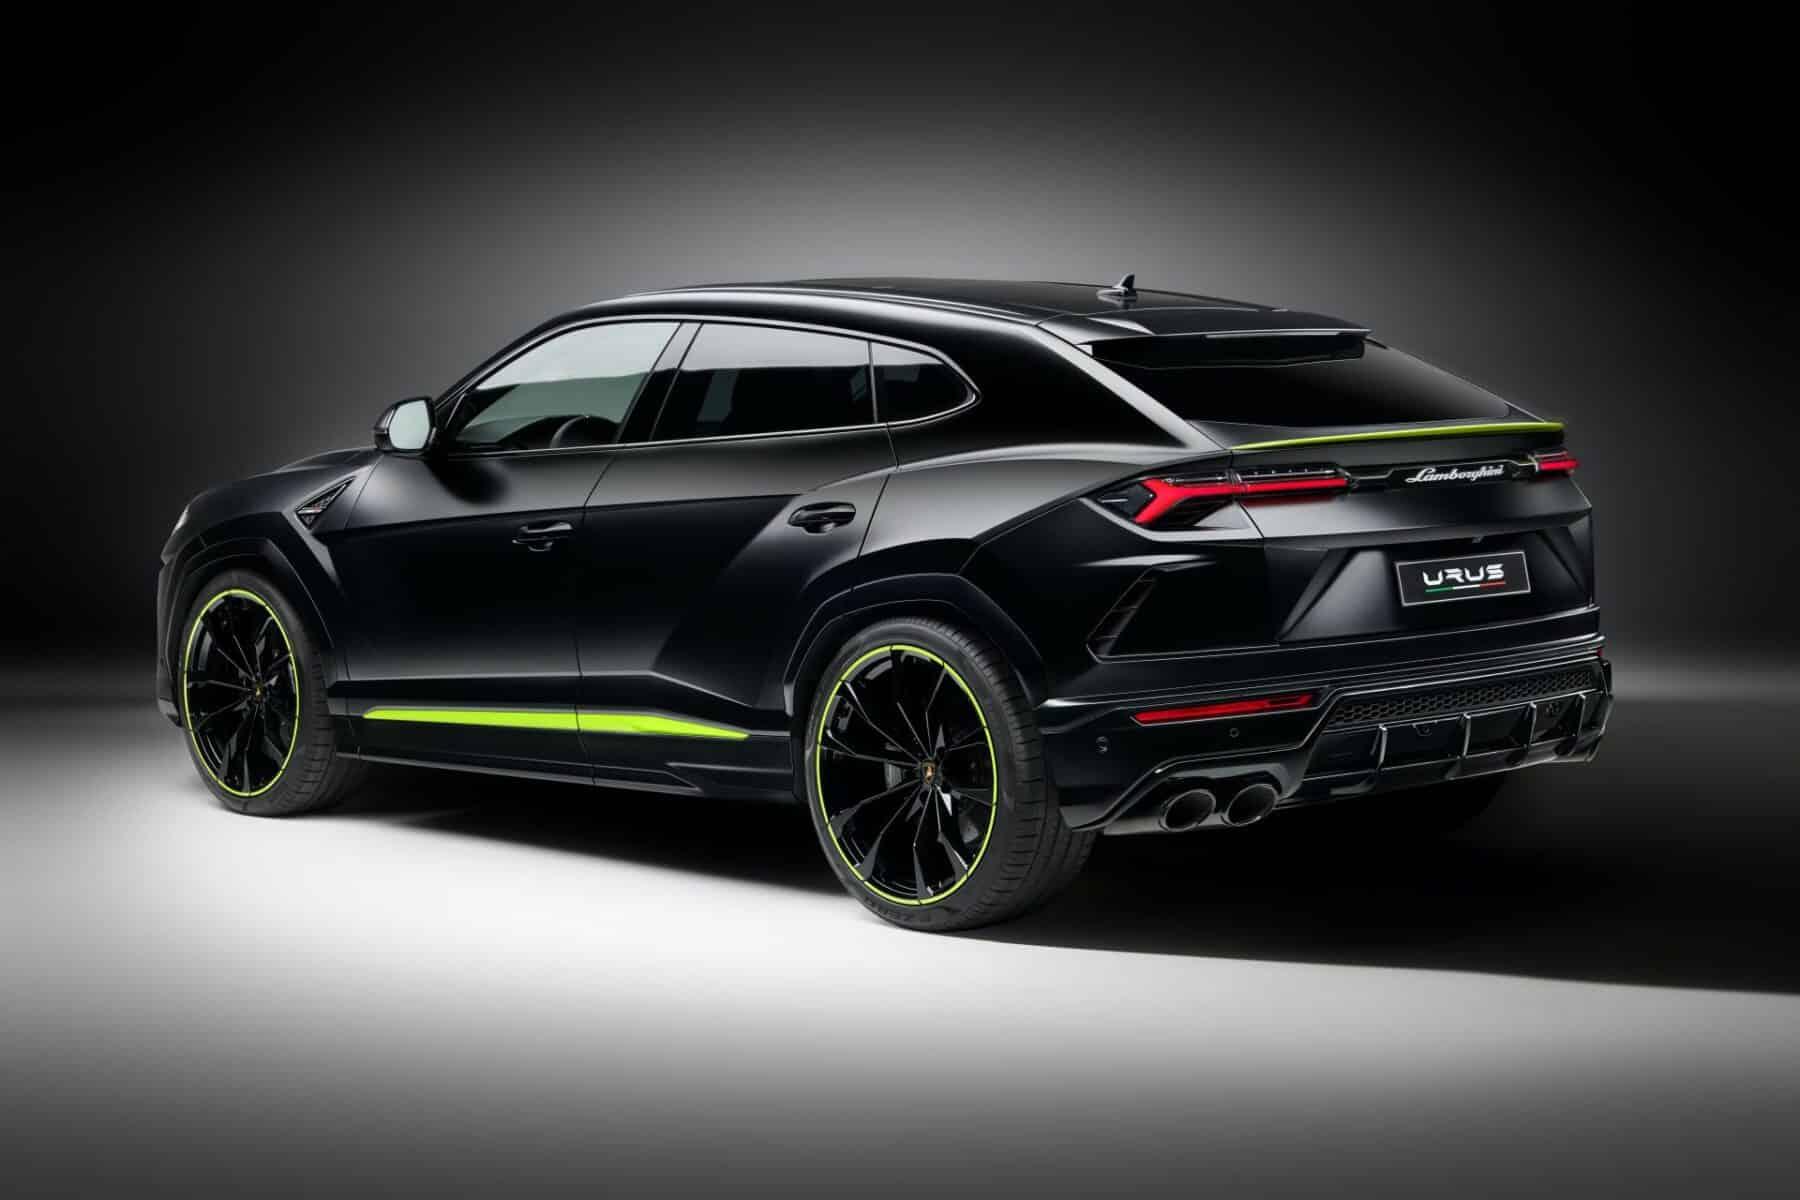 Lamborghini Urus Graphite Capsule Siniestro Y Llamativo A Partes Iguales